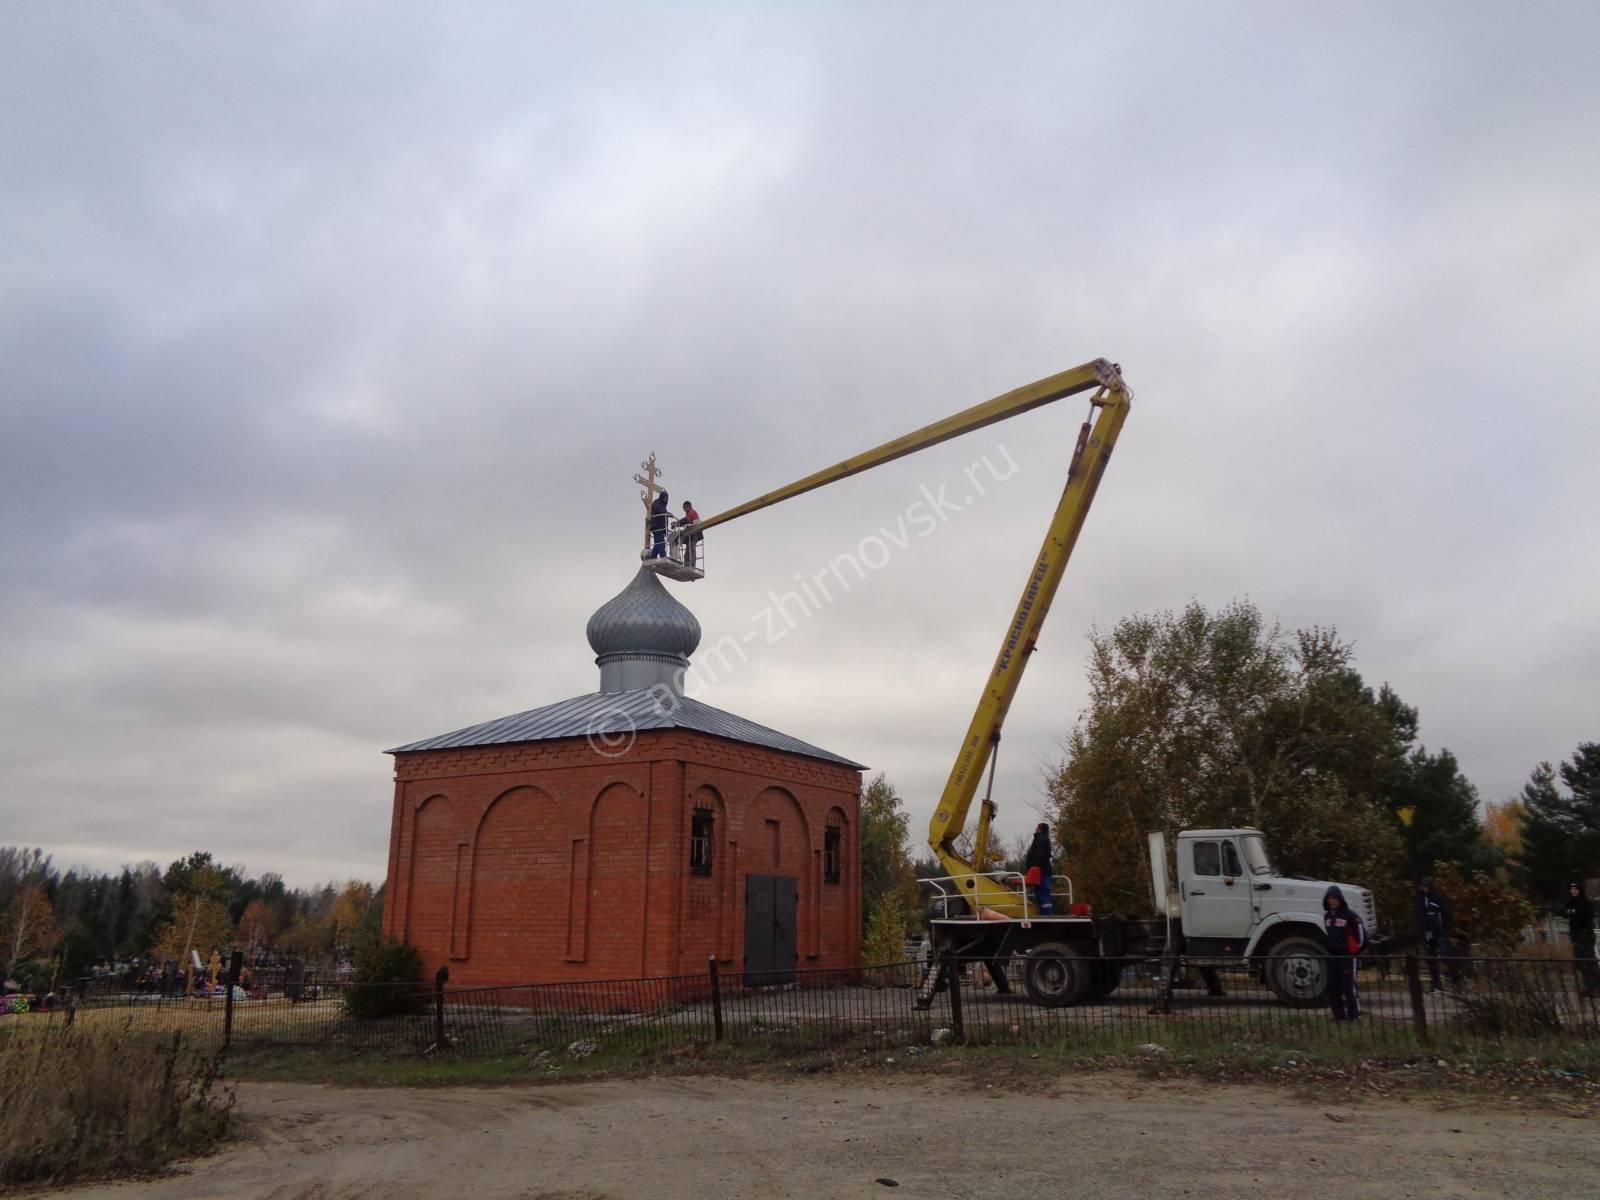 Установлен крест на куполе кладбищенской часовни в г. Жирновск. - Урюпинская епархия